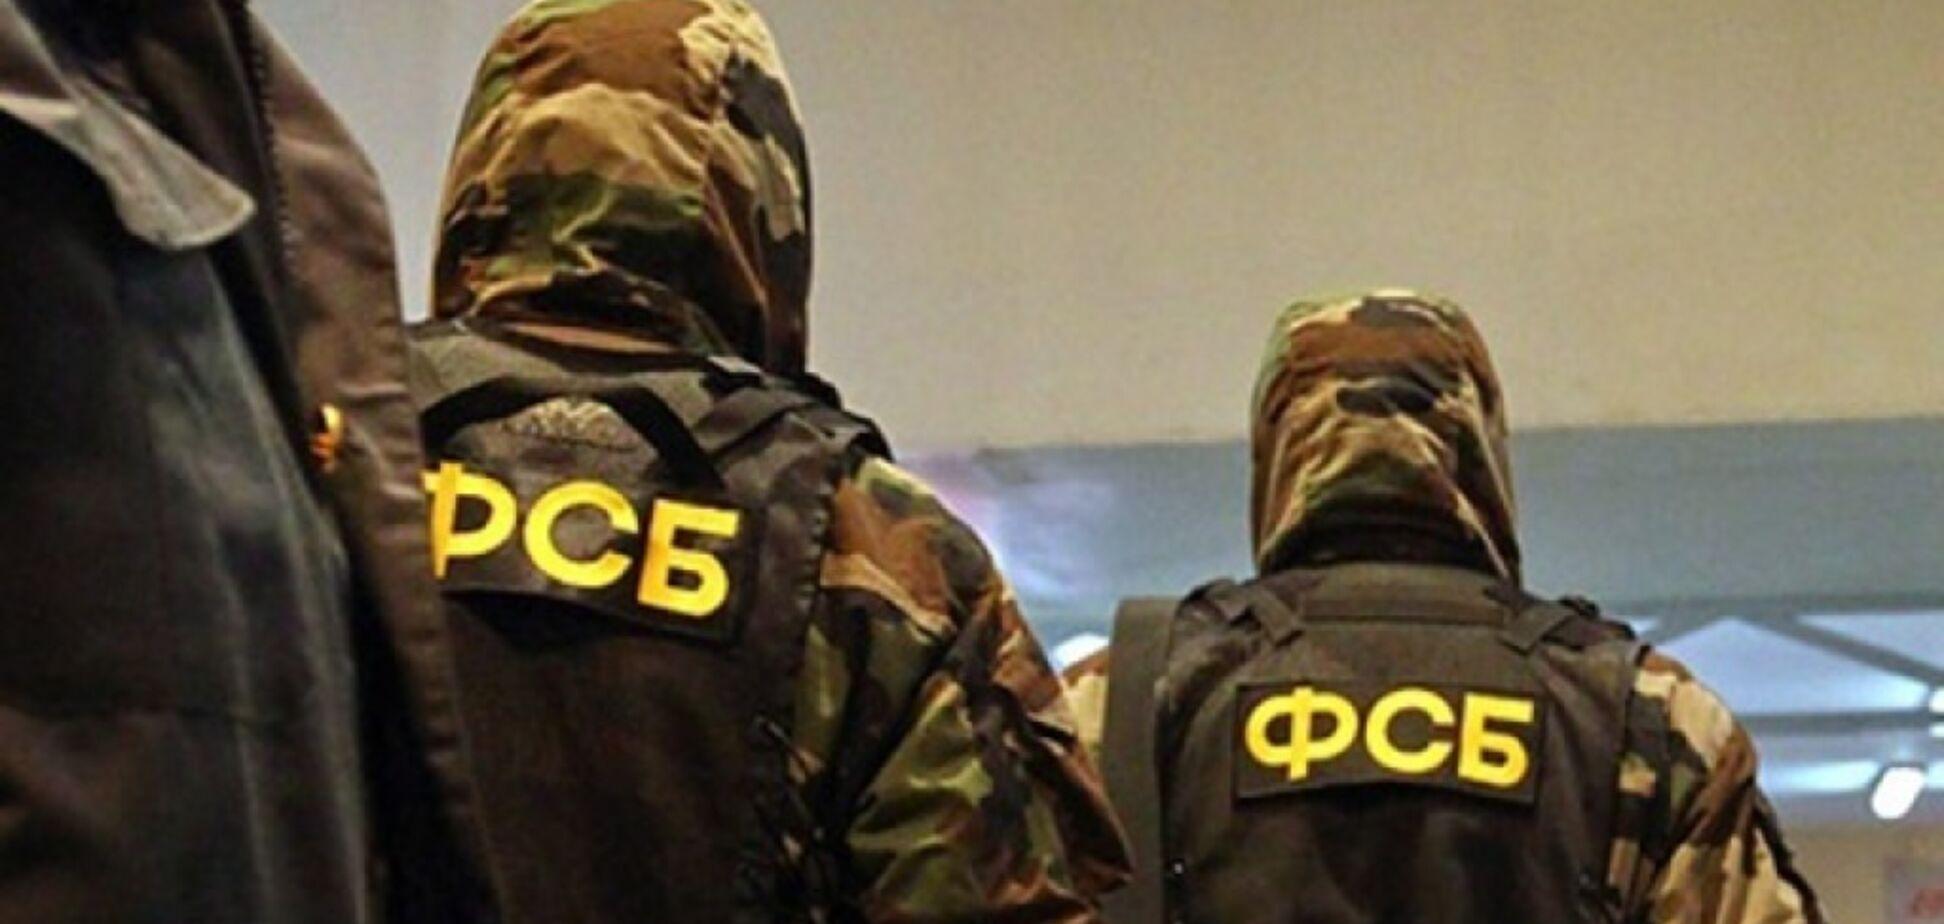 Росіяни відзвітували про кримських шпигунів, які працюють на спецслужби України